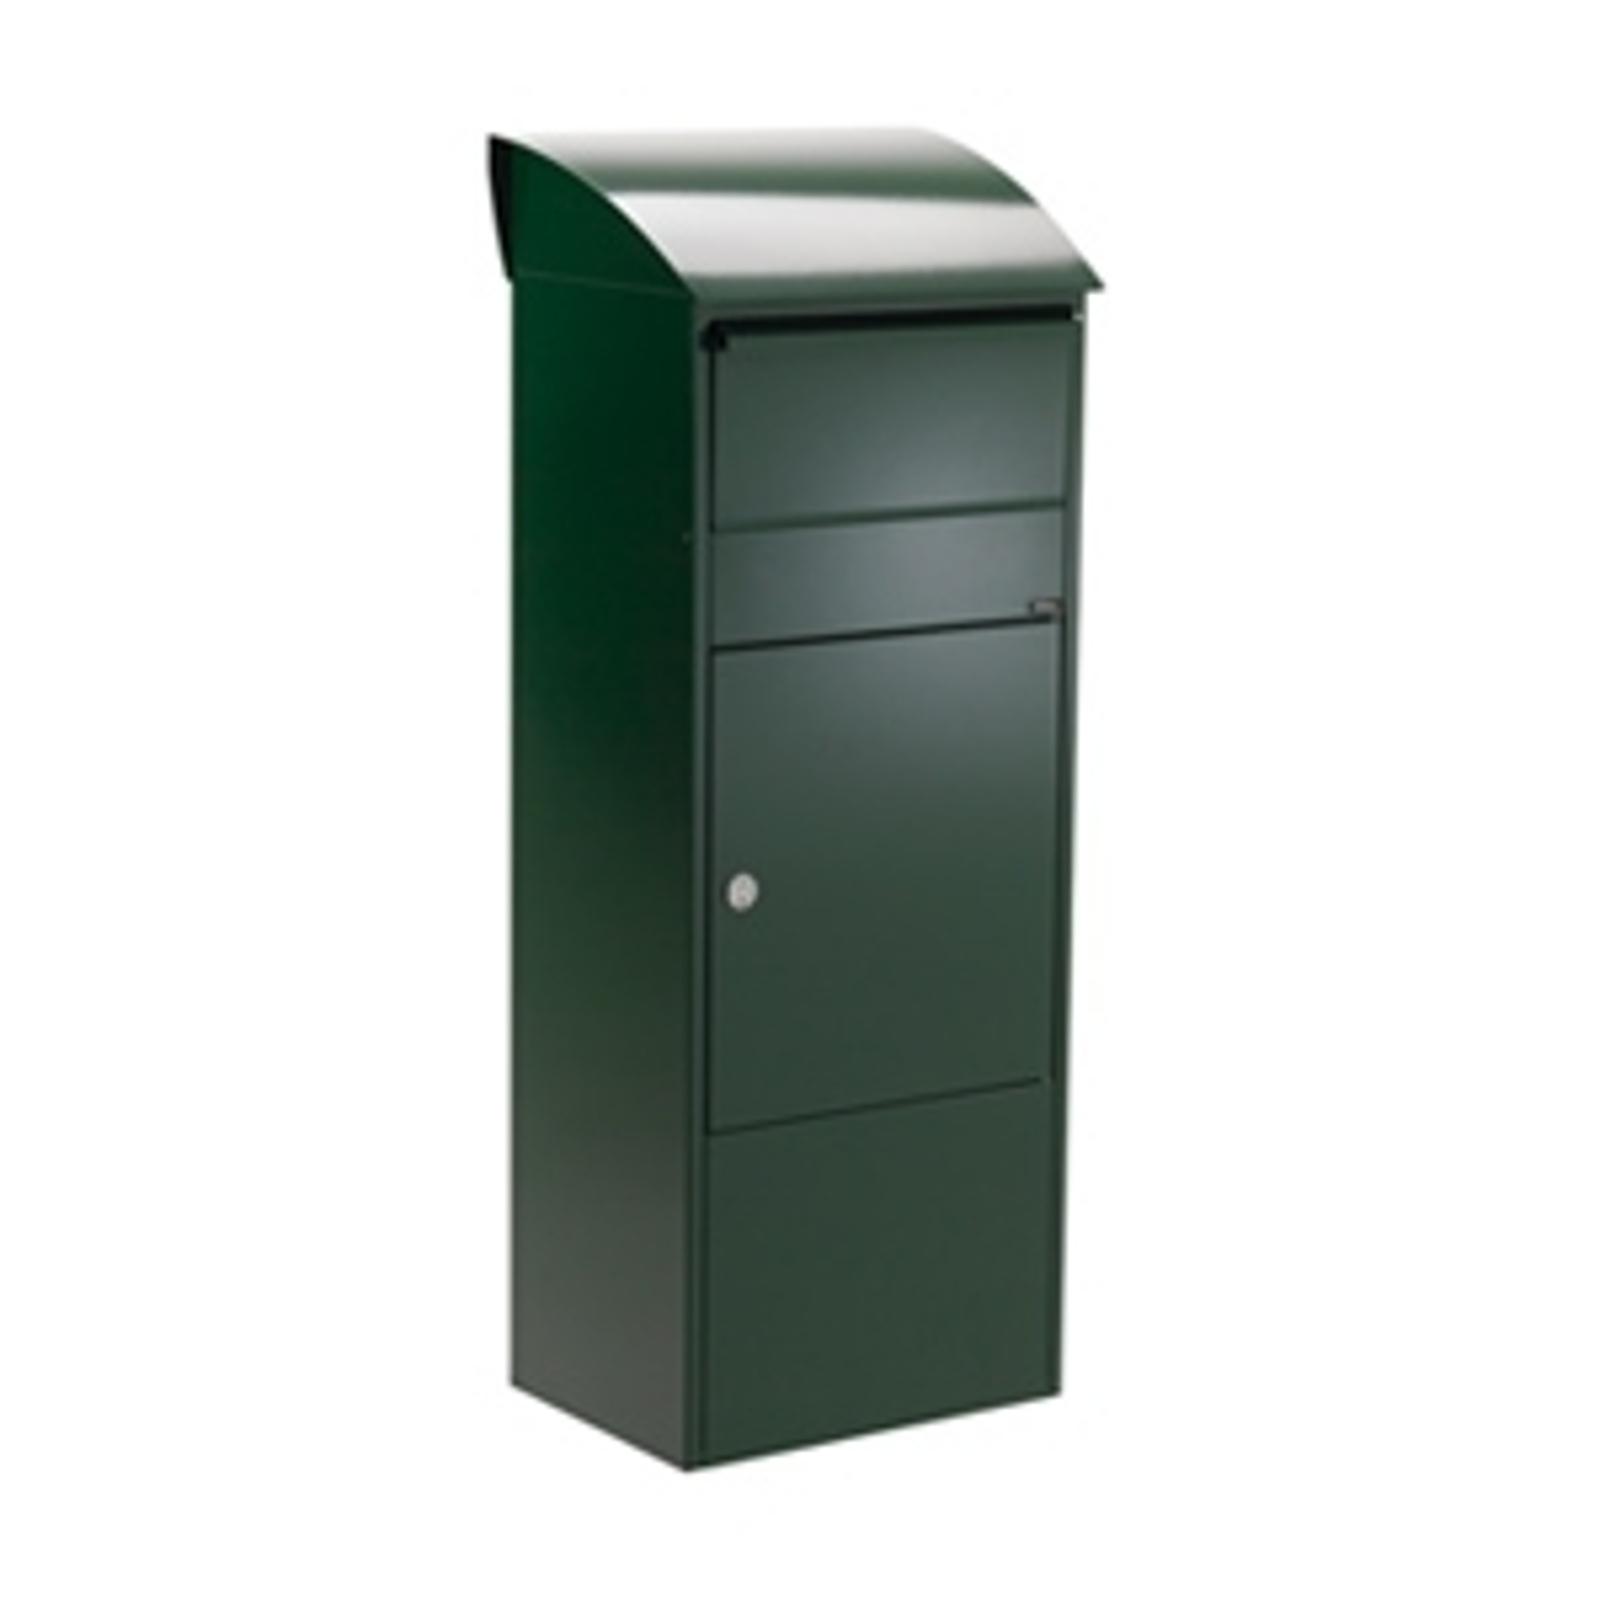 Velká poštovní a balíková schránka 820, zelená